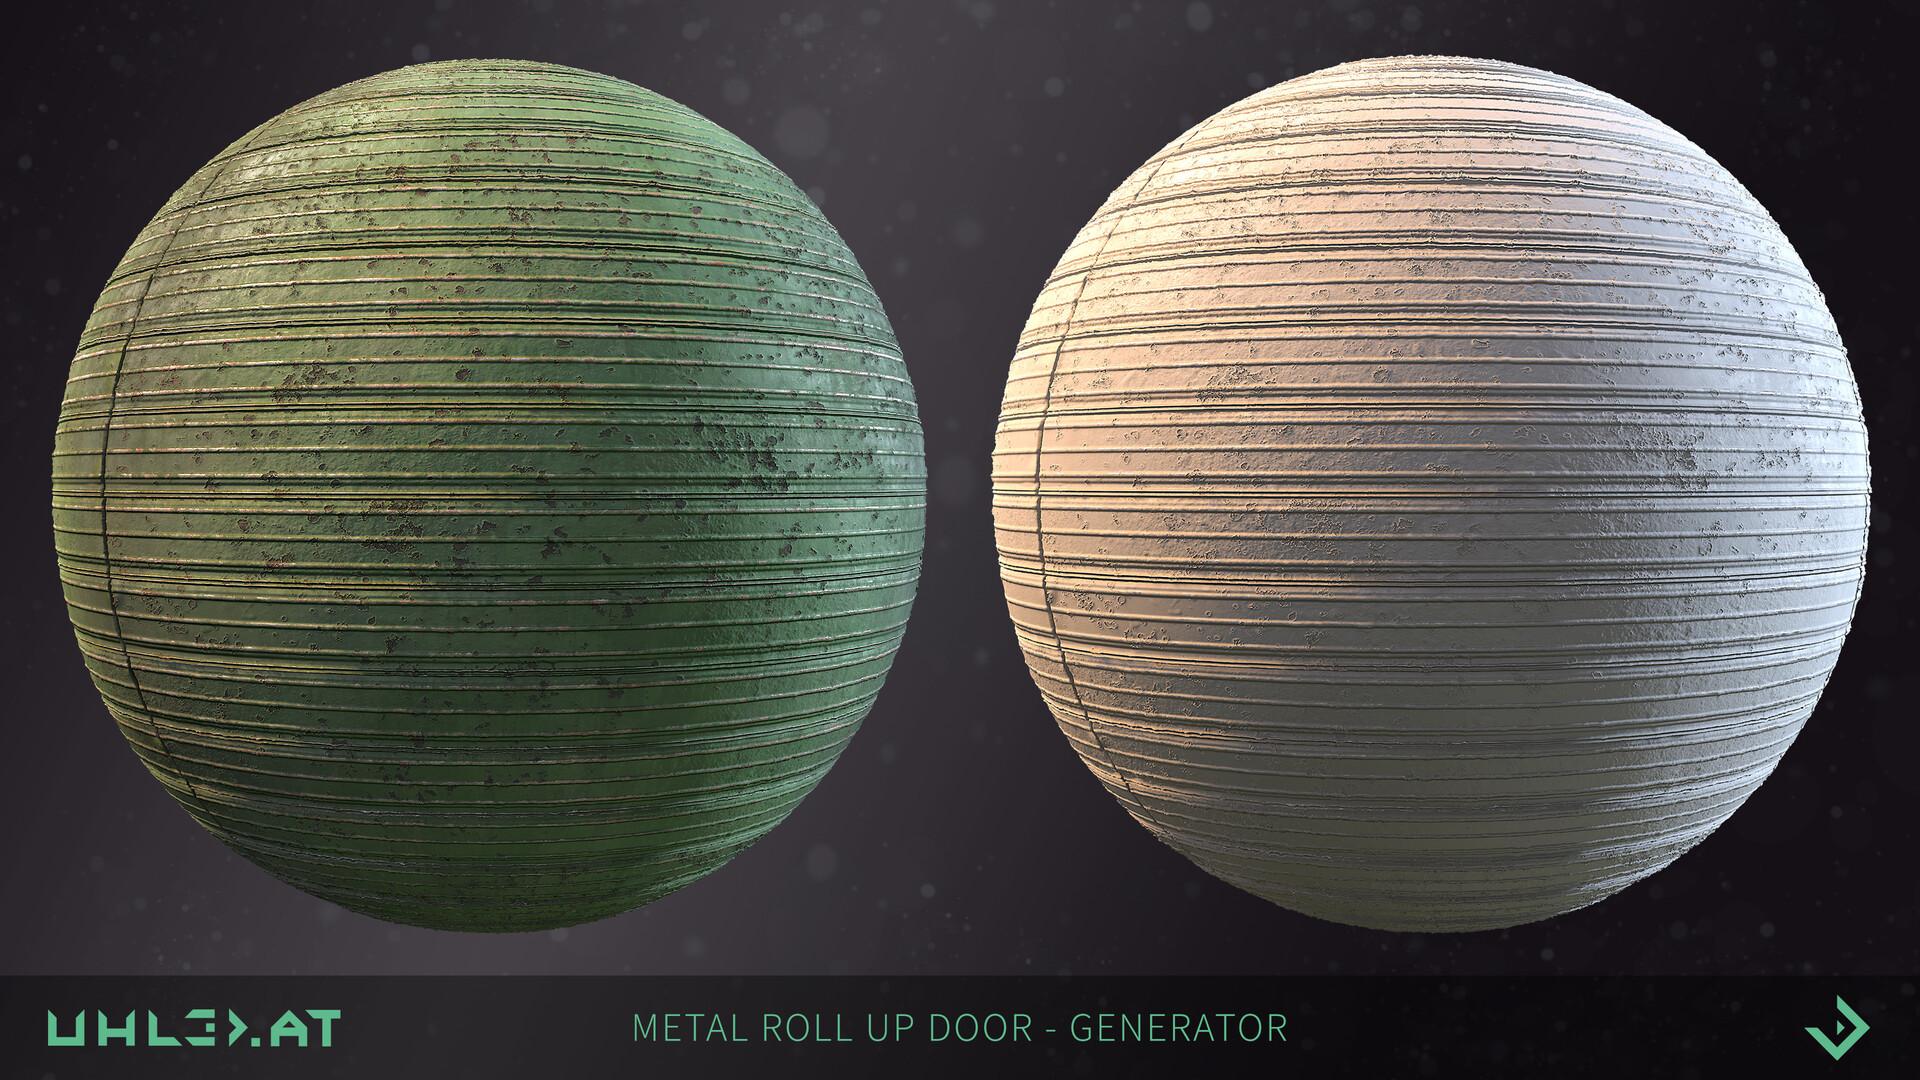 Dominik uhl metal rollup generator 08